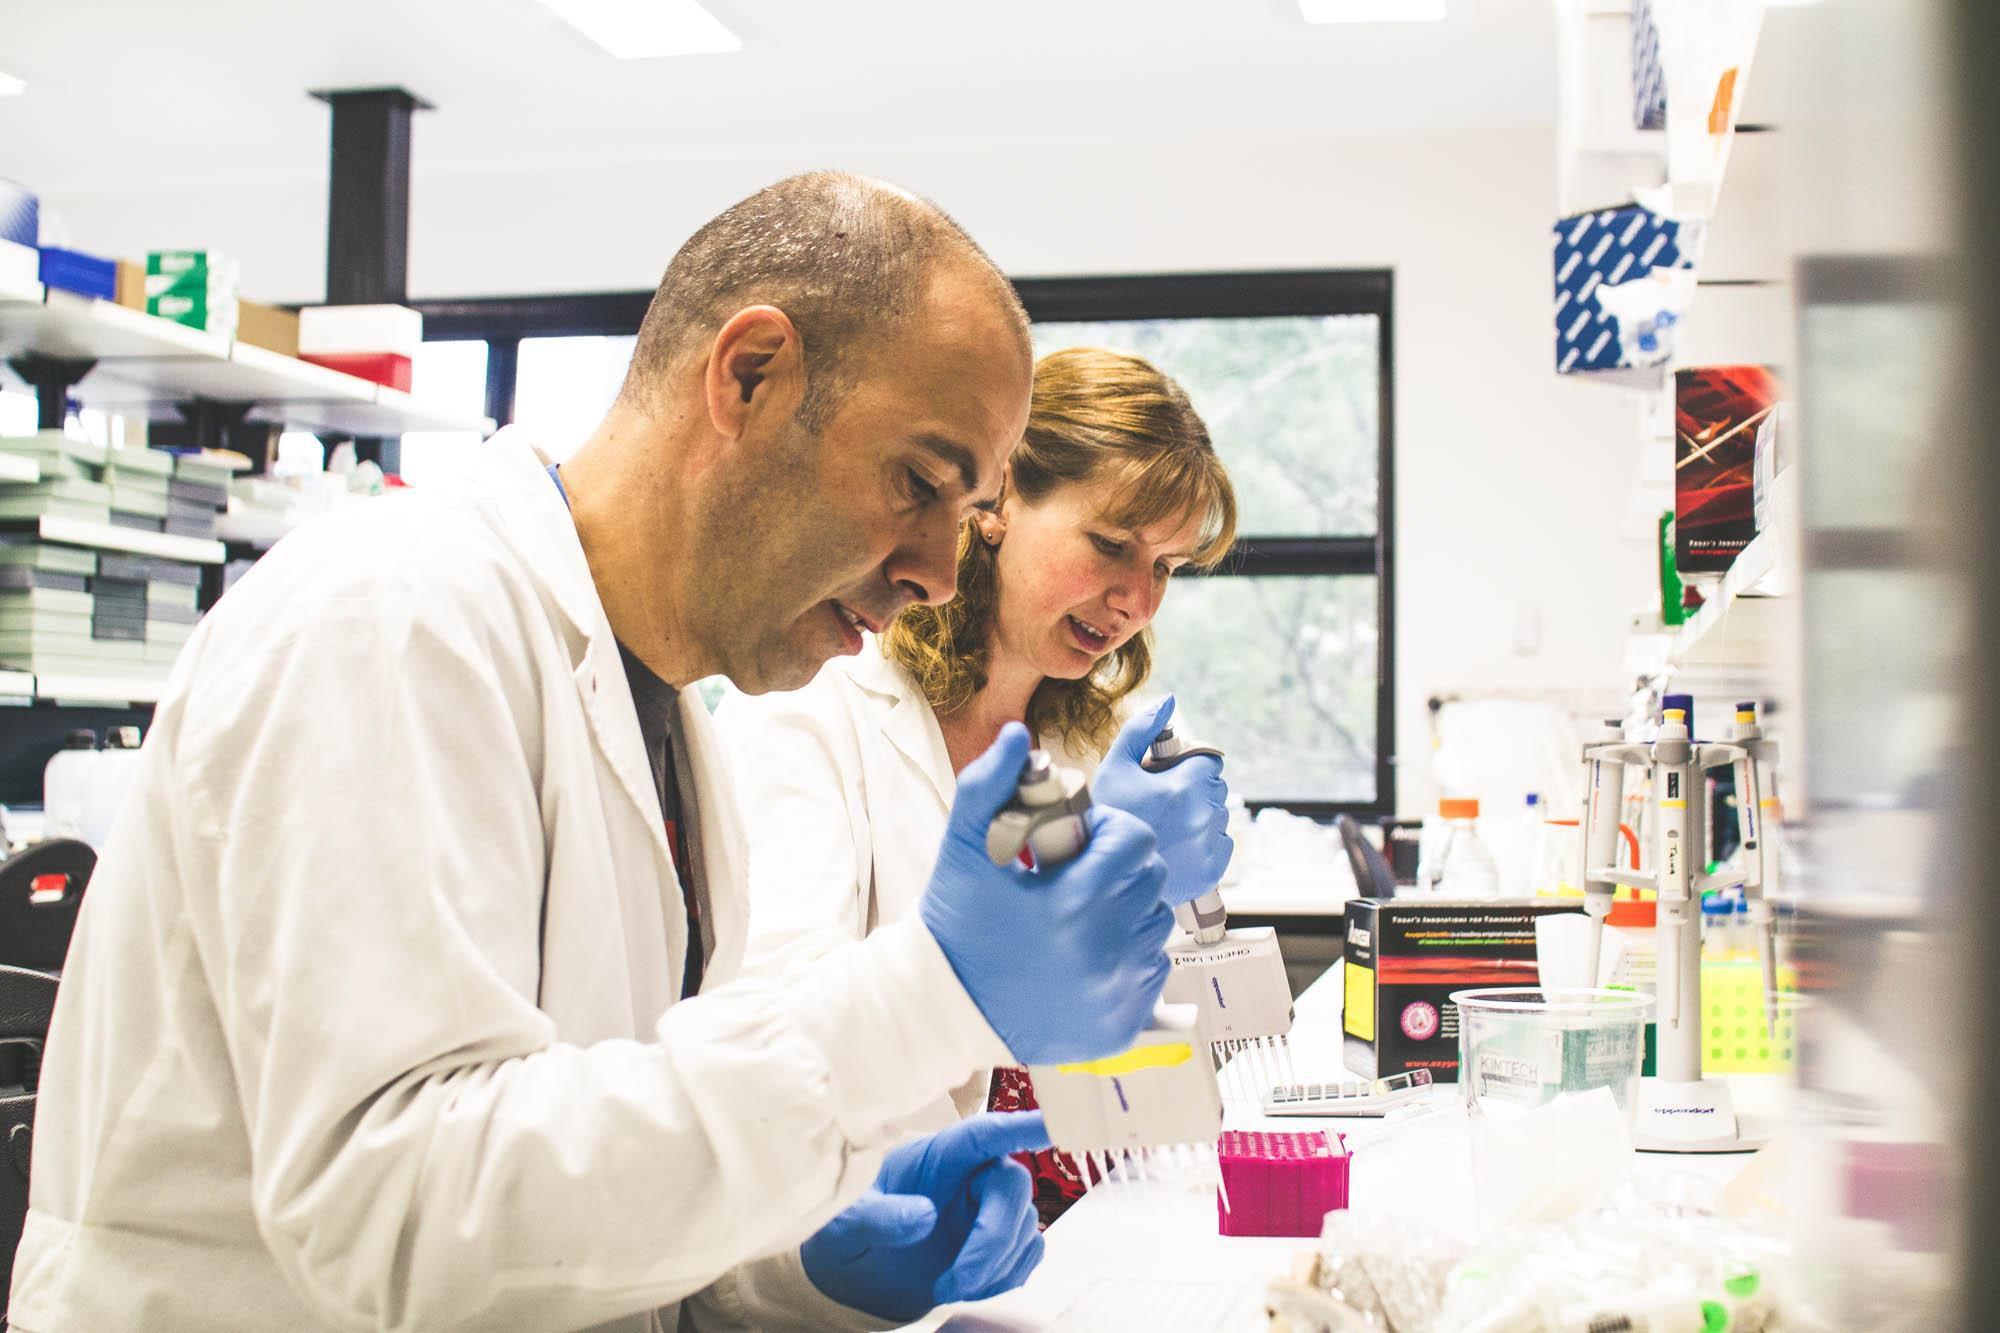 Des chercheurs travaillent sur la bactérie Wolbachia